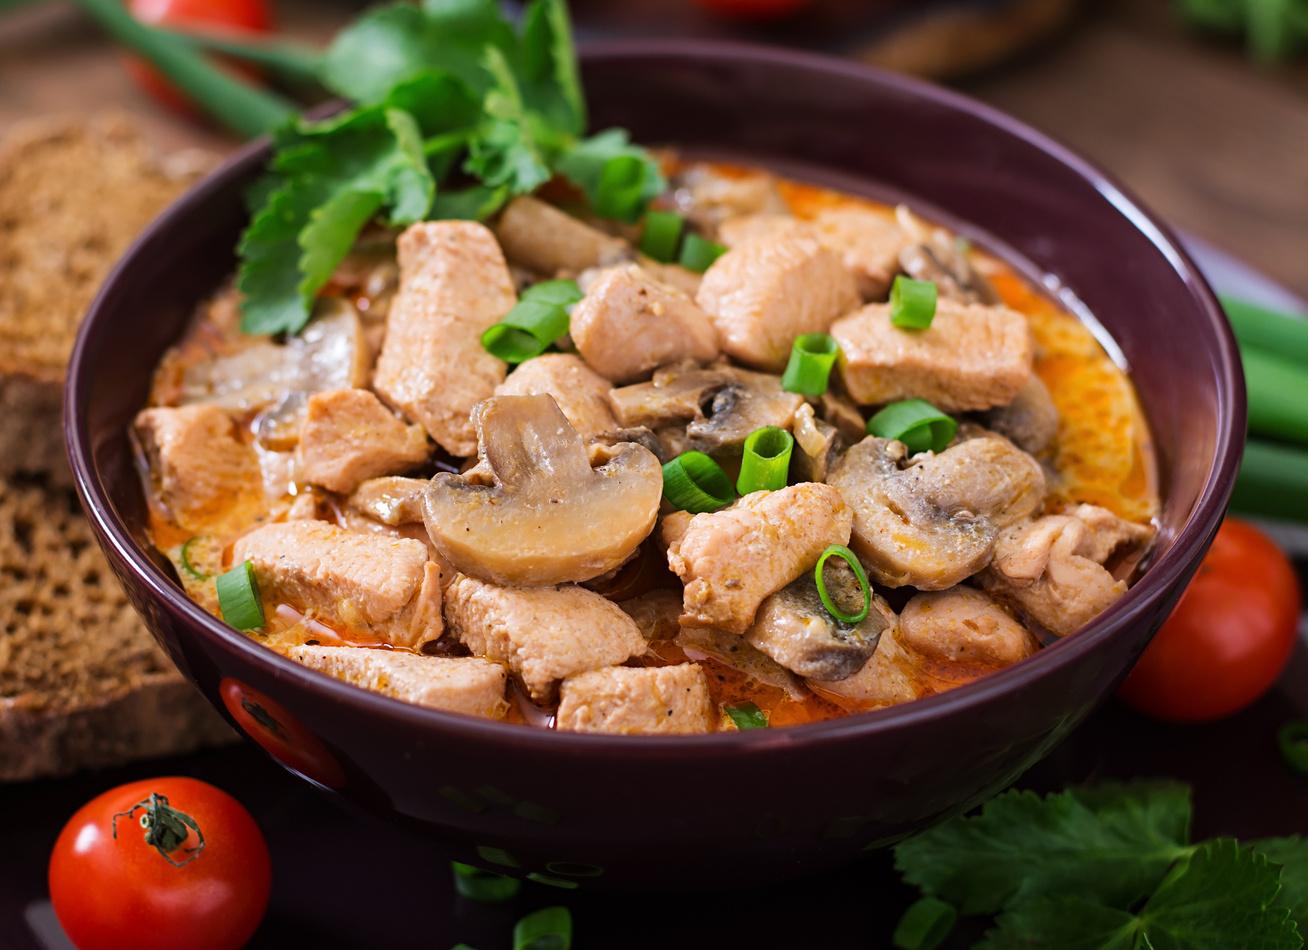 Régimódi bakonyi csirke sok szafttal - Hamarabb kész van, mint sertésből